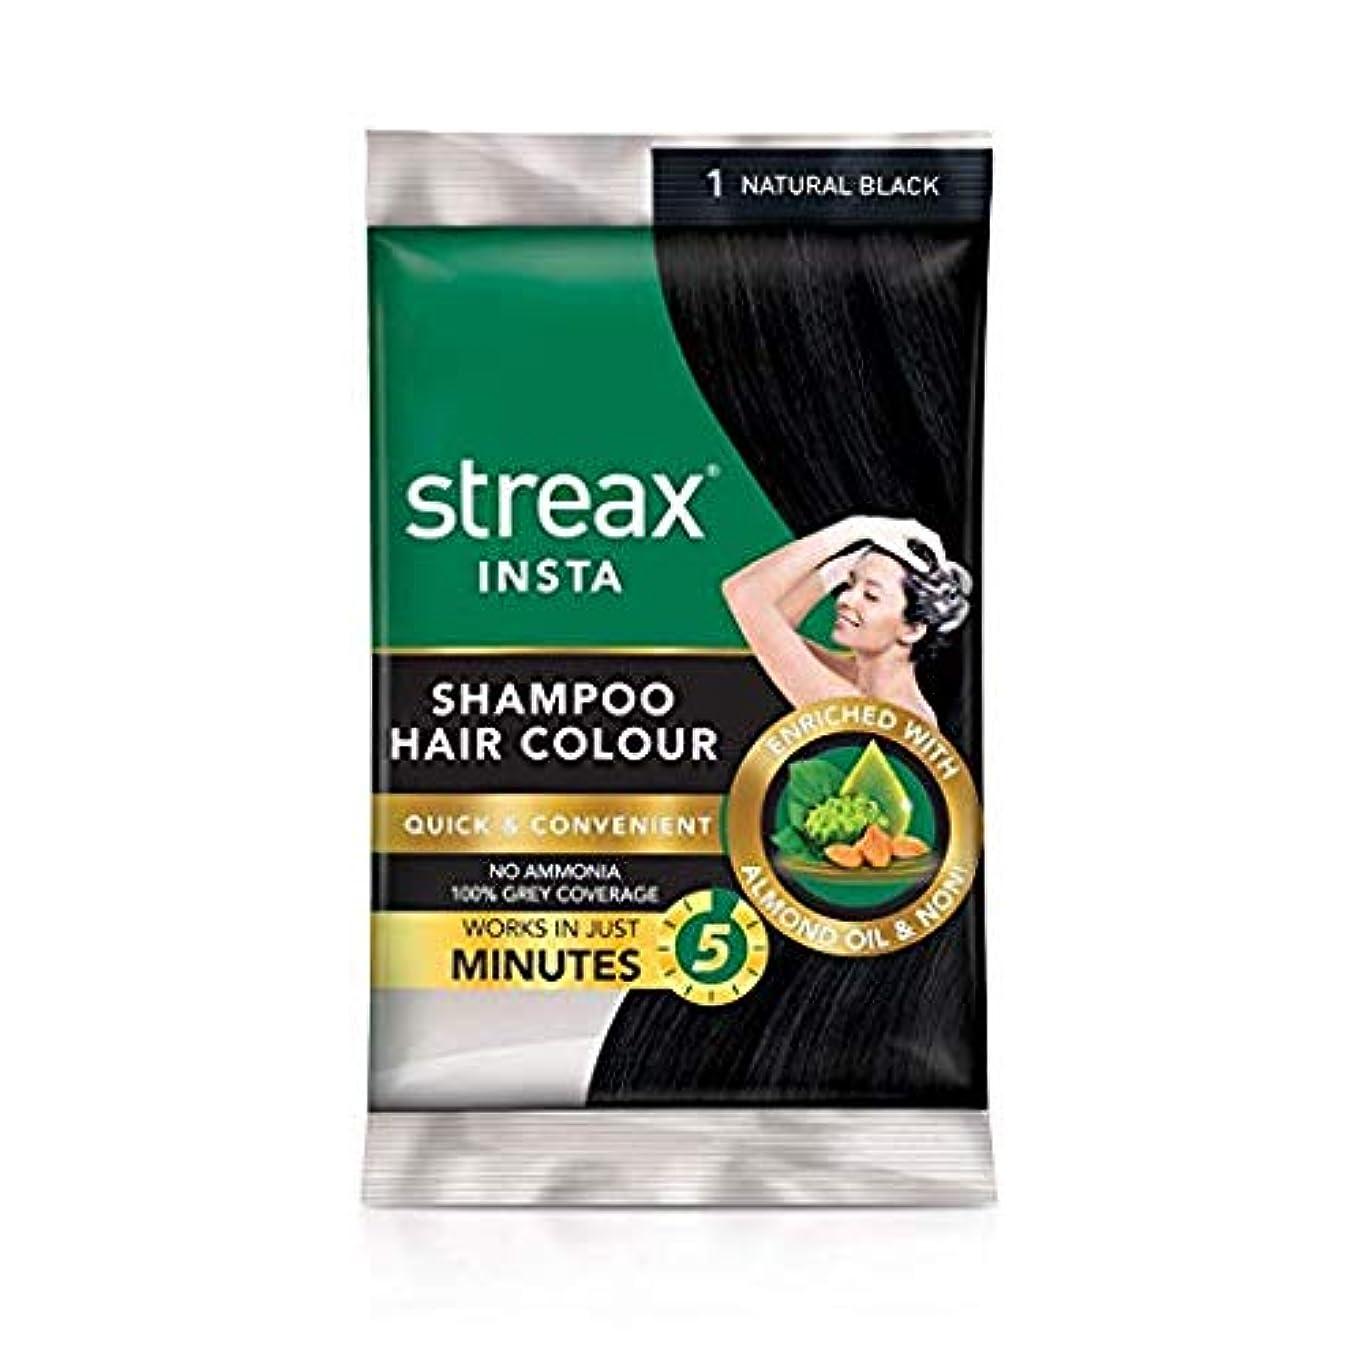 クライアント補償殺すOmg-deal Streax Hair Colour Shampoo 3 Pack Natural Black